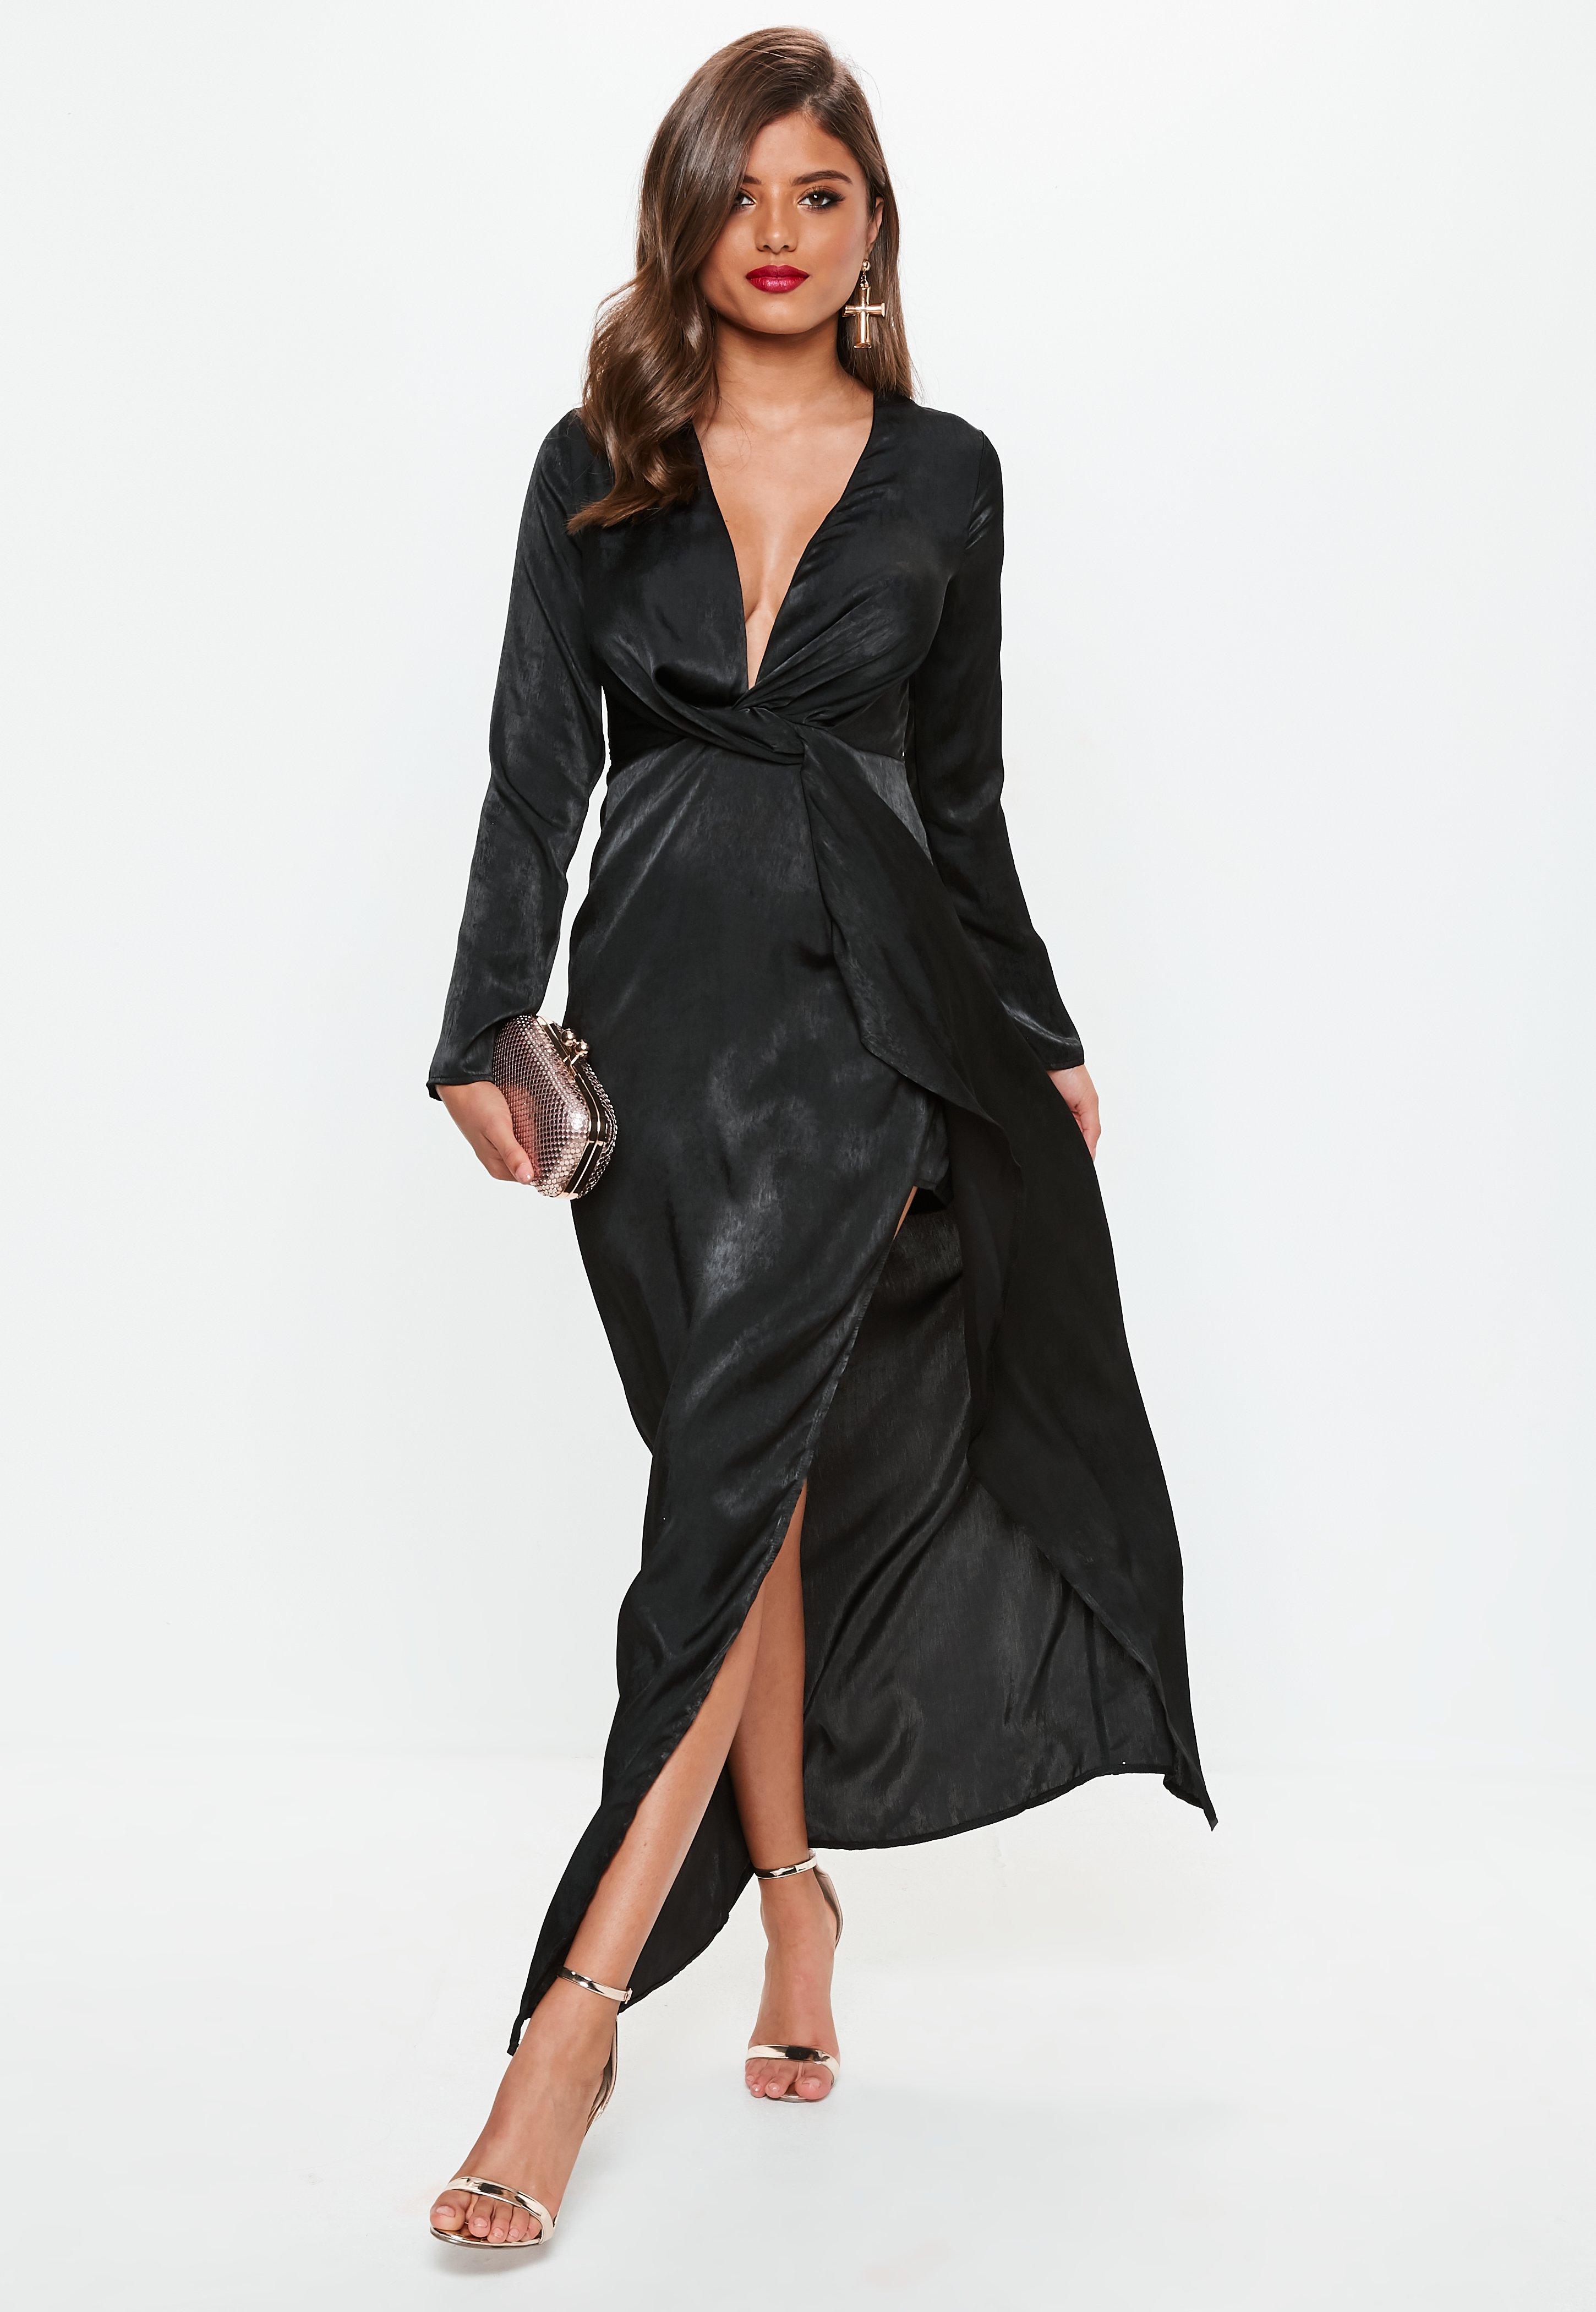 Schwarzes enges kleid ausschnitt